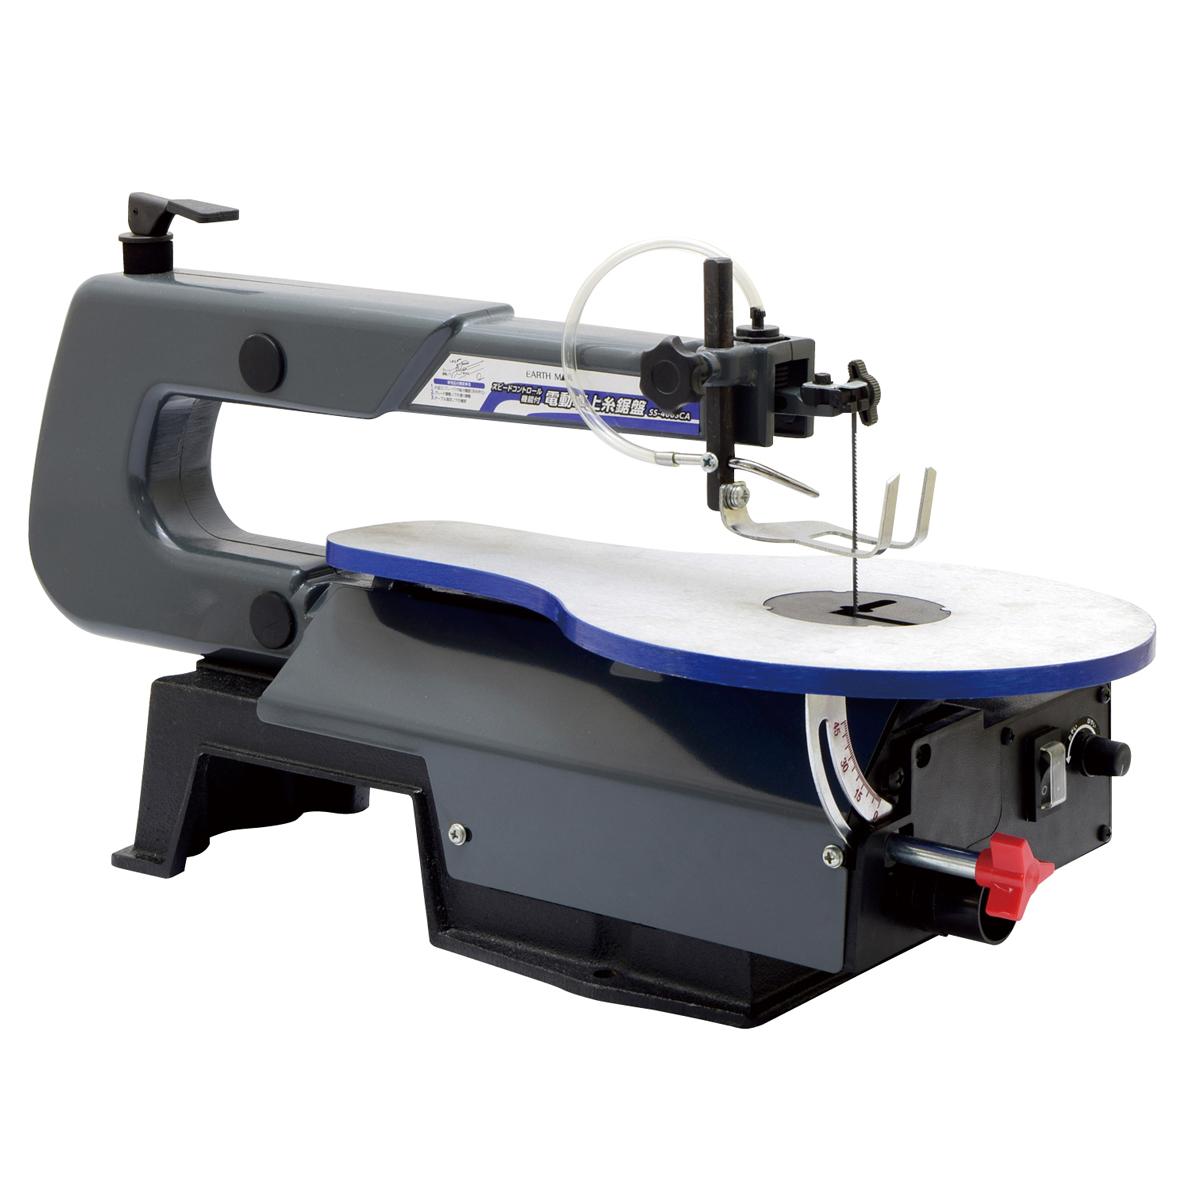 <お取り寄せ品※代引きキャンセル不可> 糸のこ機械 SS-400SCA 【 木工 工作 DIY 切断 電動工具 電動のこぎり 】